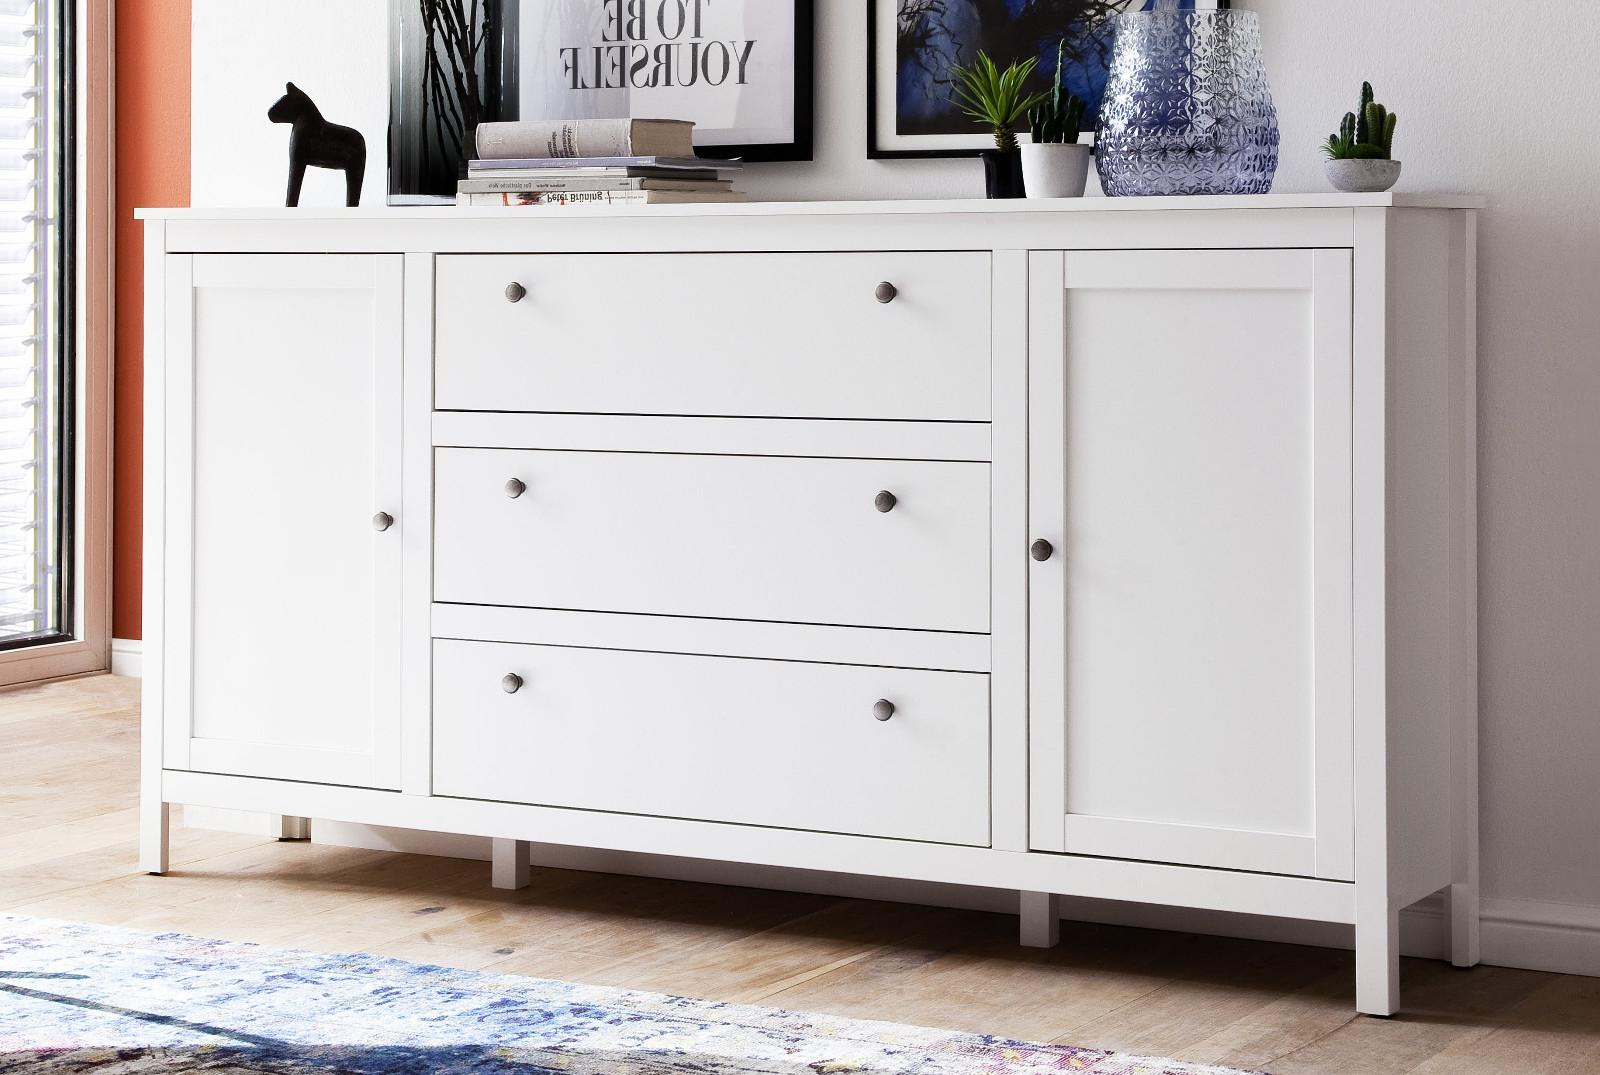 Flur Kommode Ole In Weiß Sideboard Garderobenschrank Anrichte Diele 183 X 98 Cm